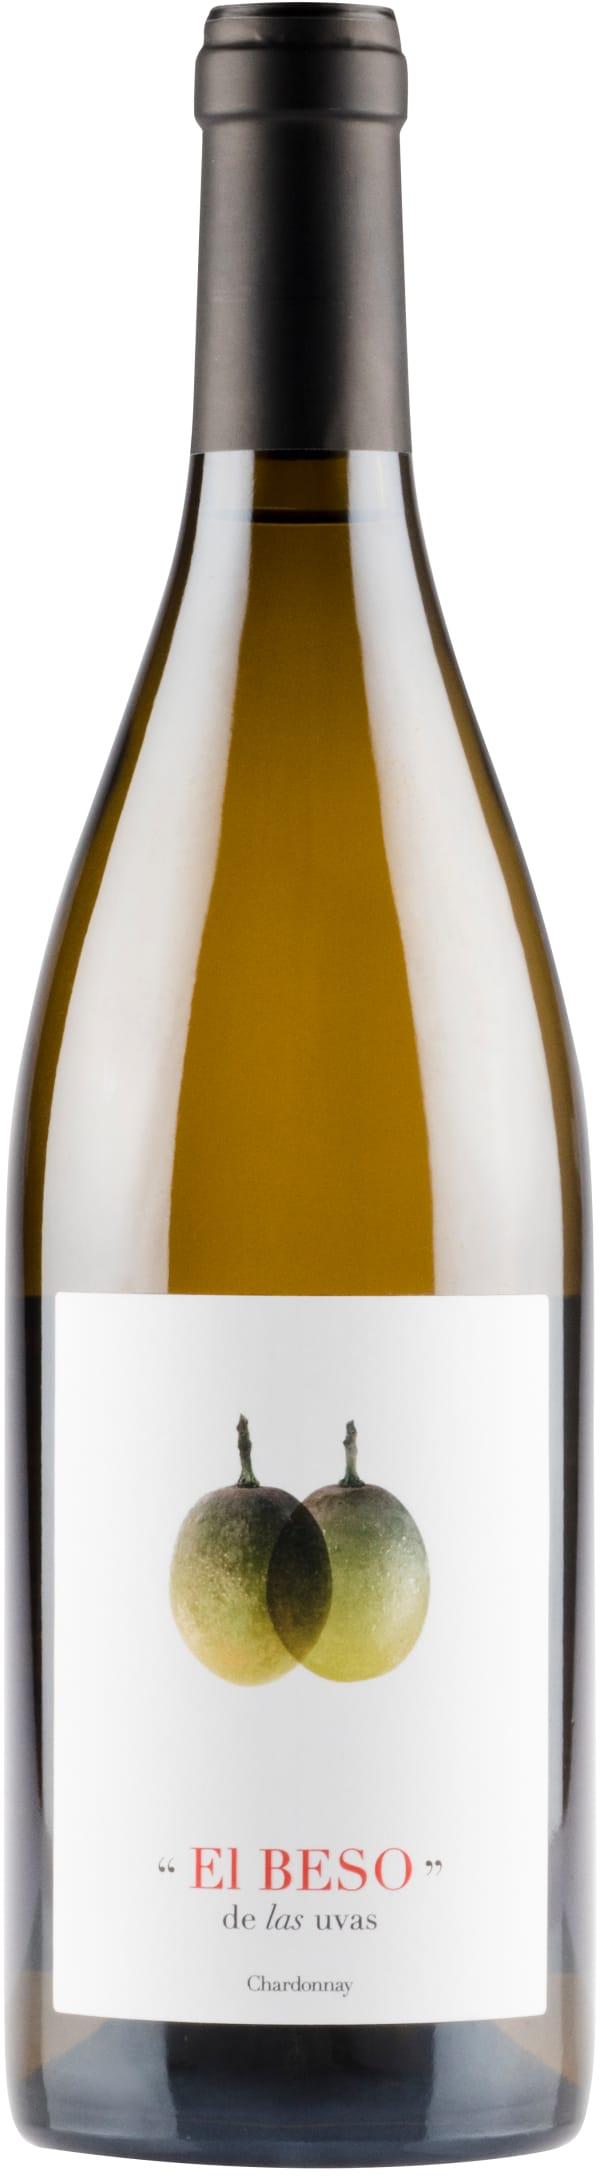 Pago Guijoso El Beso de las Uvas Chardonnay 2016